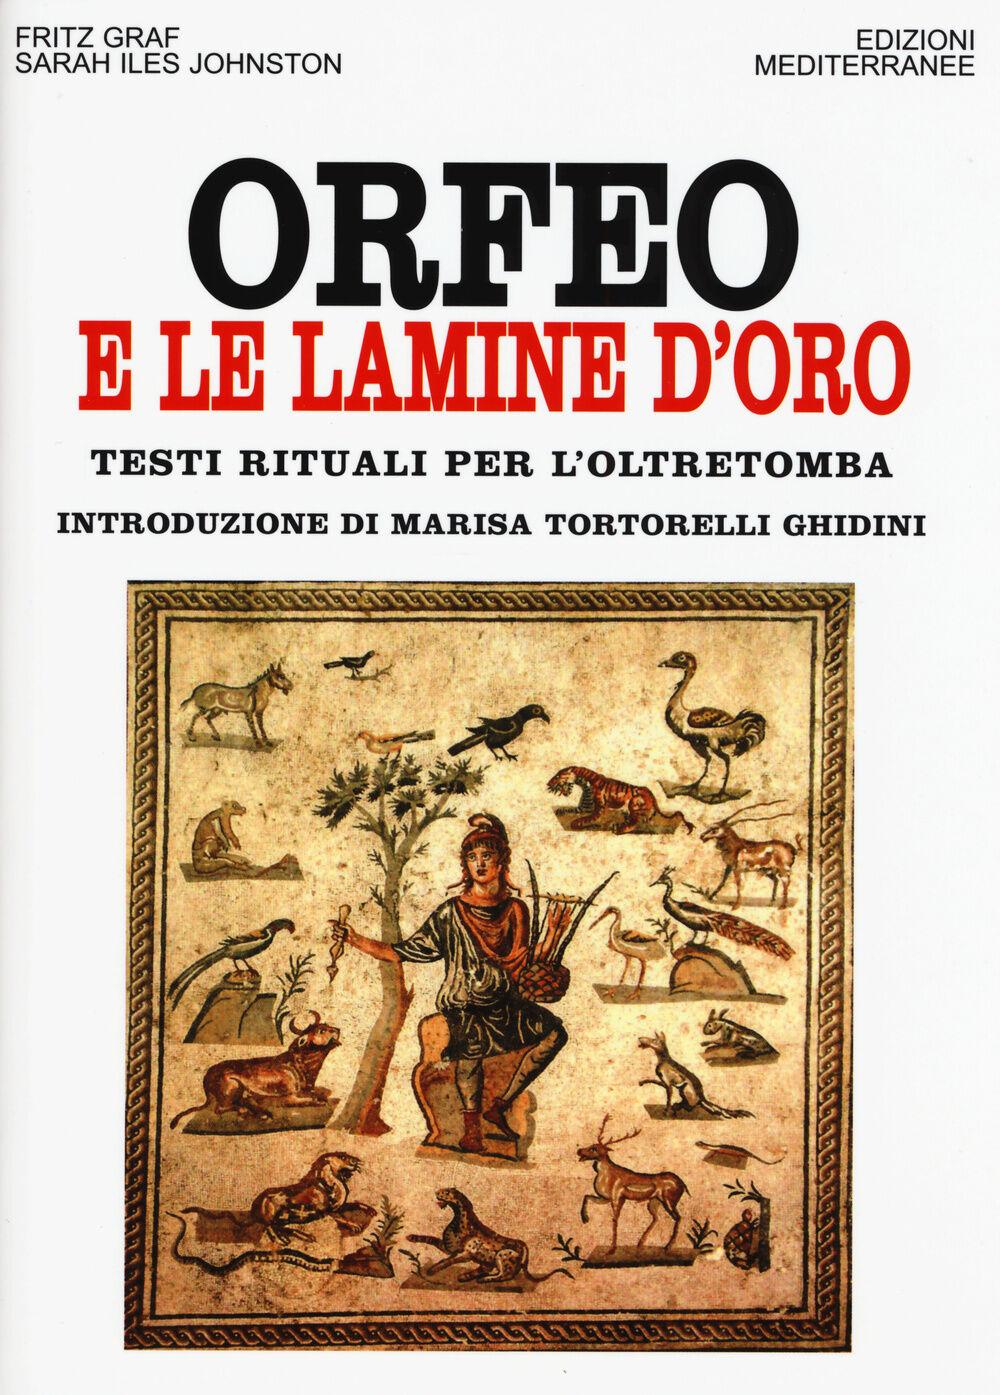 Orfeo e le lamine d'oro. Testi rituali per l'oltretomba